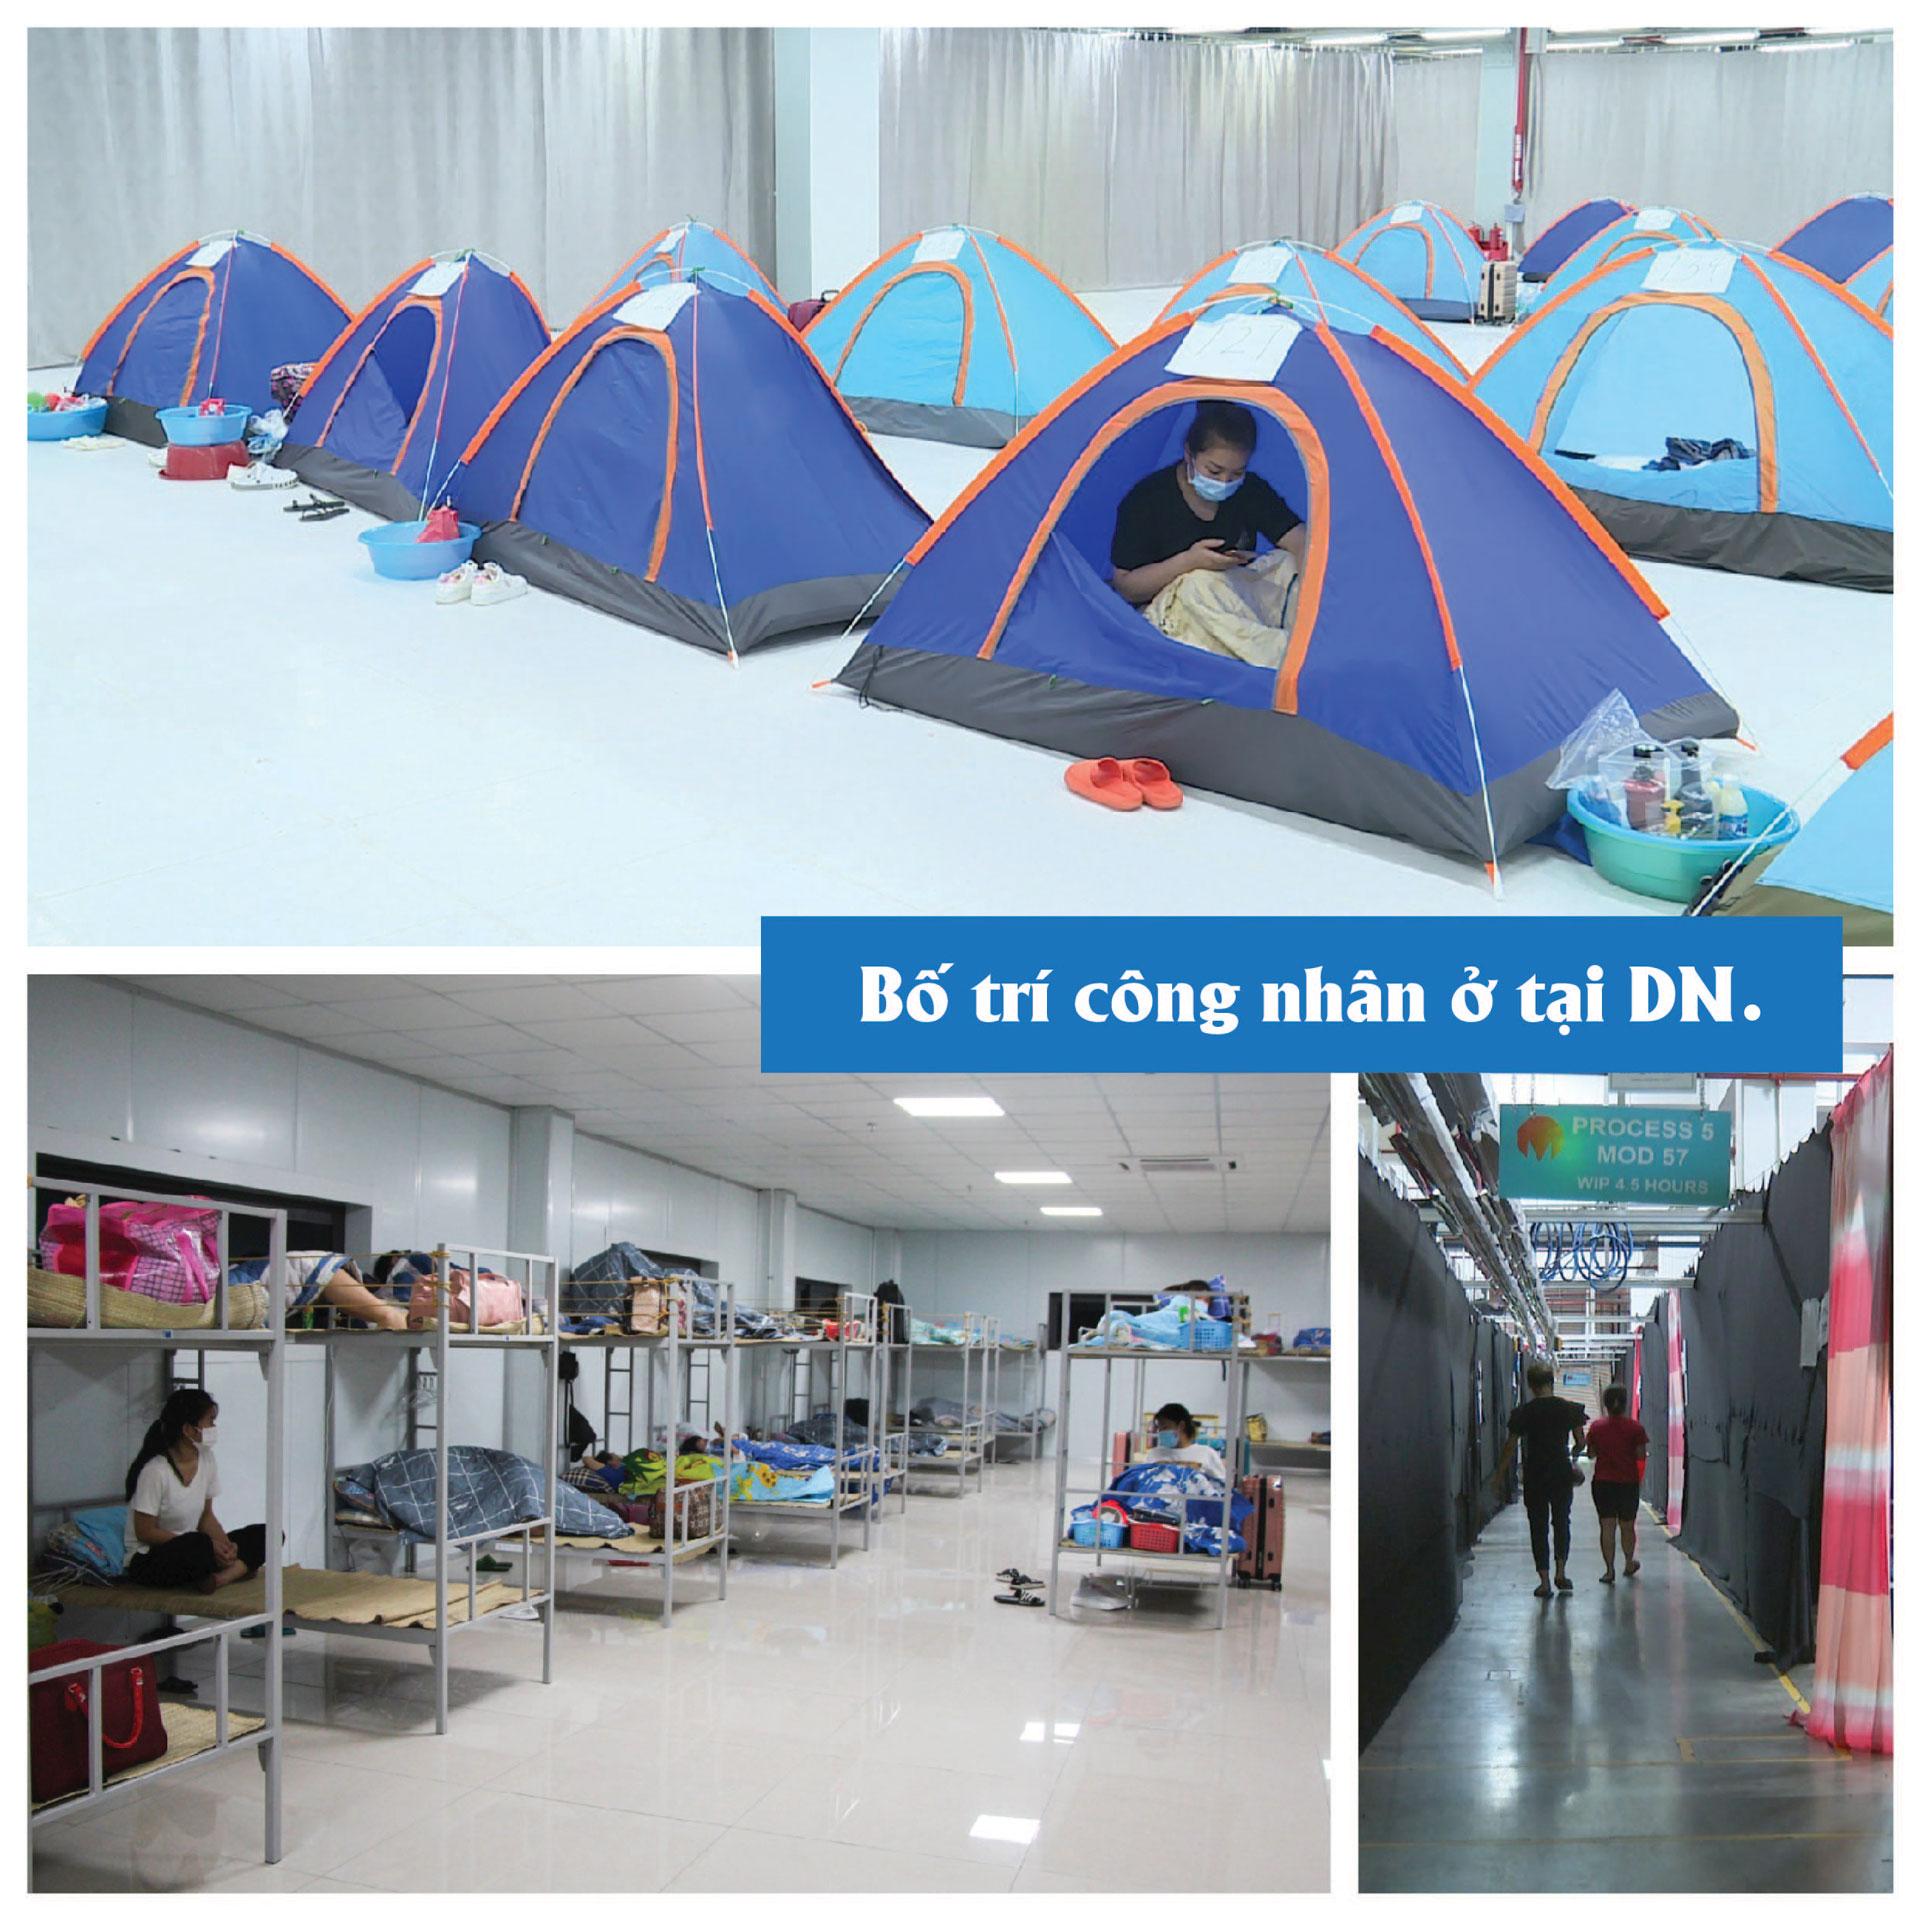 Công nghiệp, Bắc Giang, hồi phục, tăng trưởng ấn tượng, khu công nghiệp, Đình Trám, Vân Trung, Song Khê-Nội Hoàng, Quang Châu